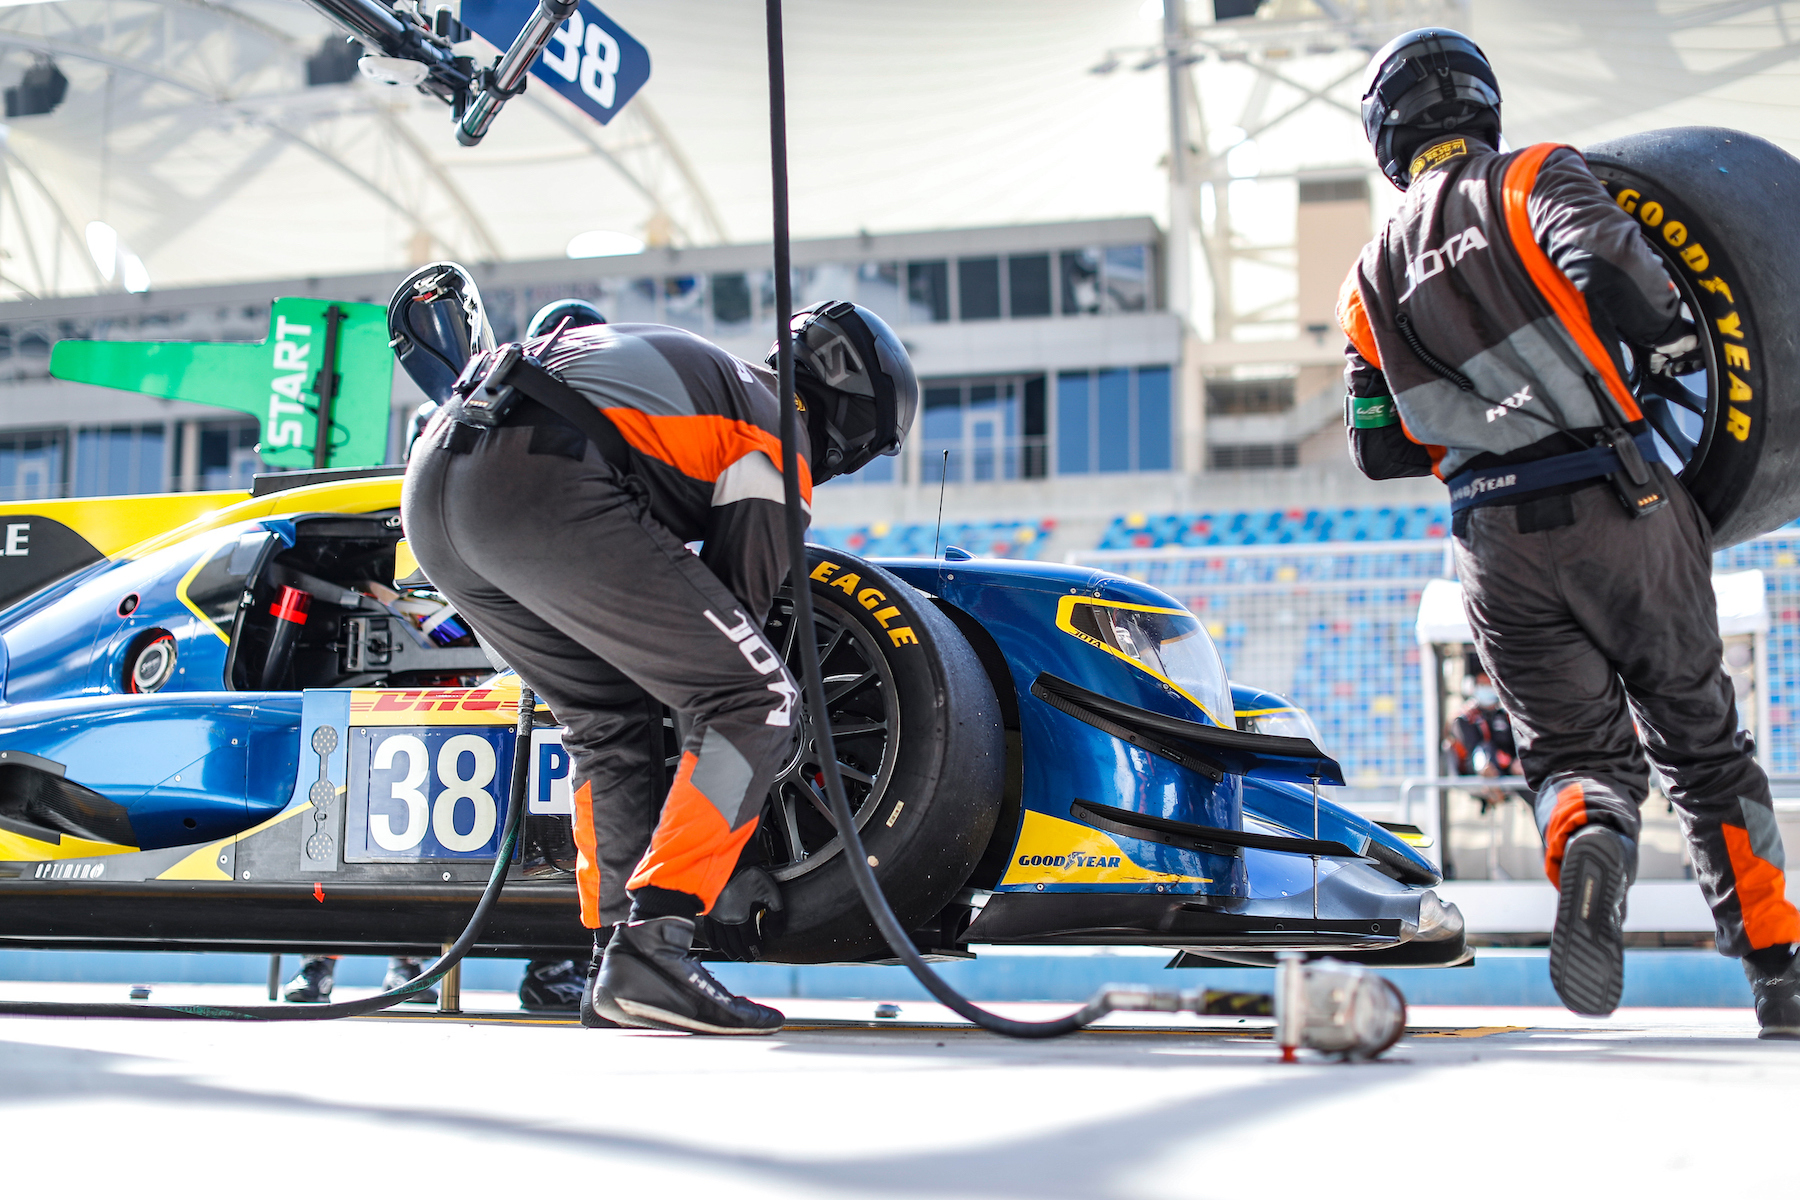 Goodyear's European motorsport renaissance continues despite pandemic challenges